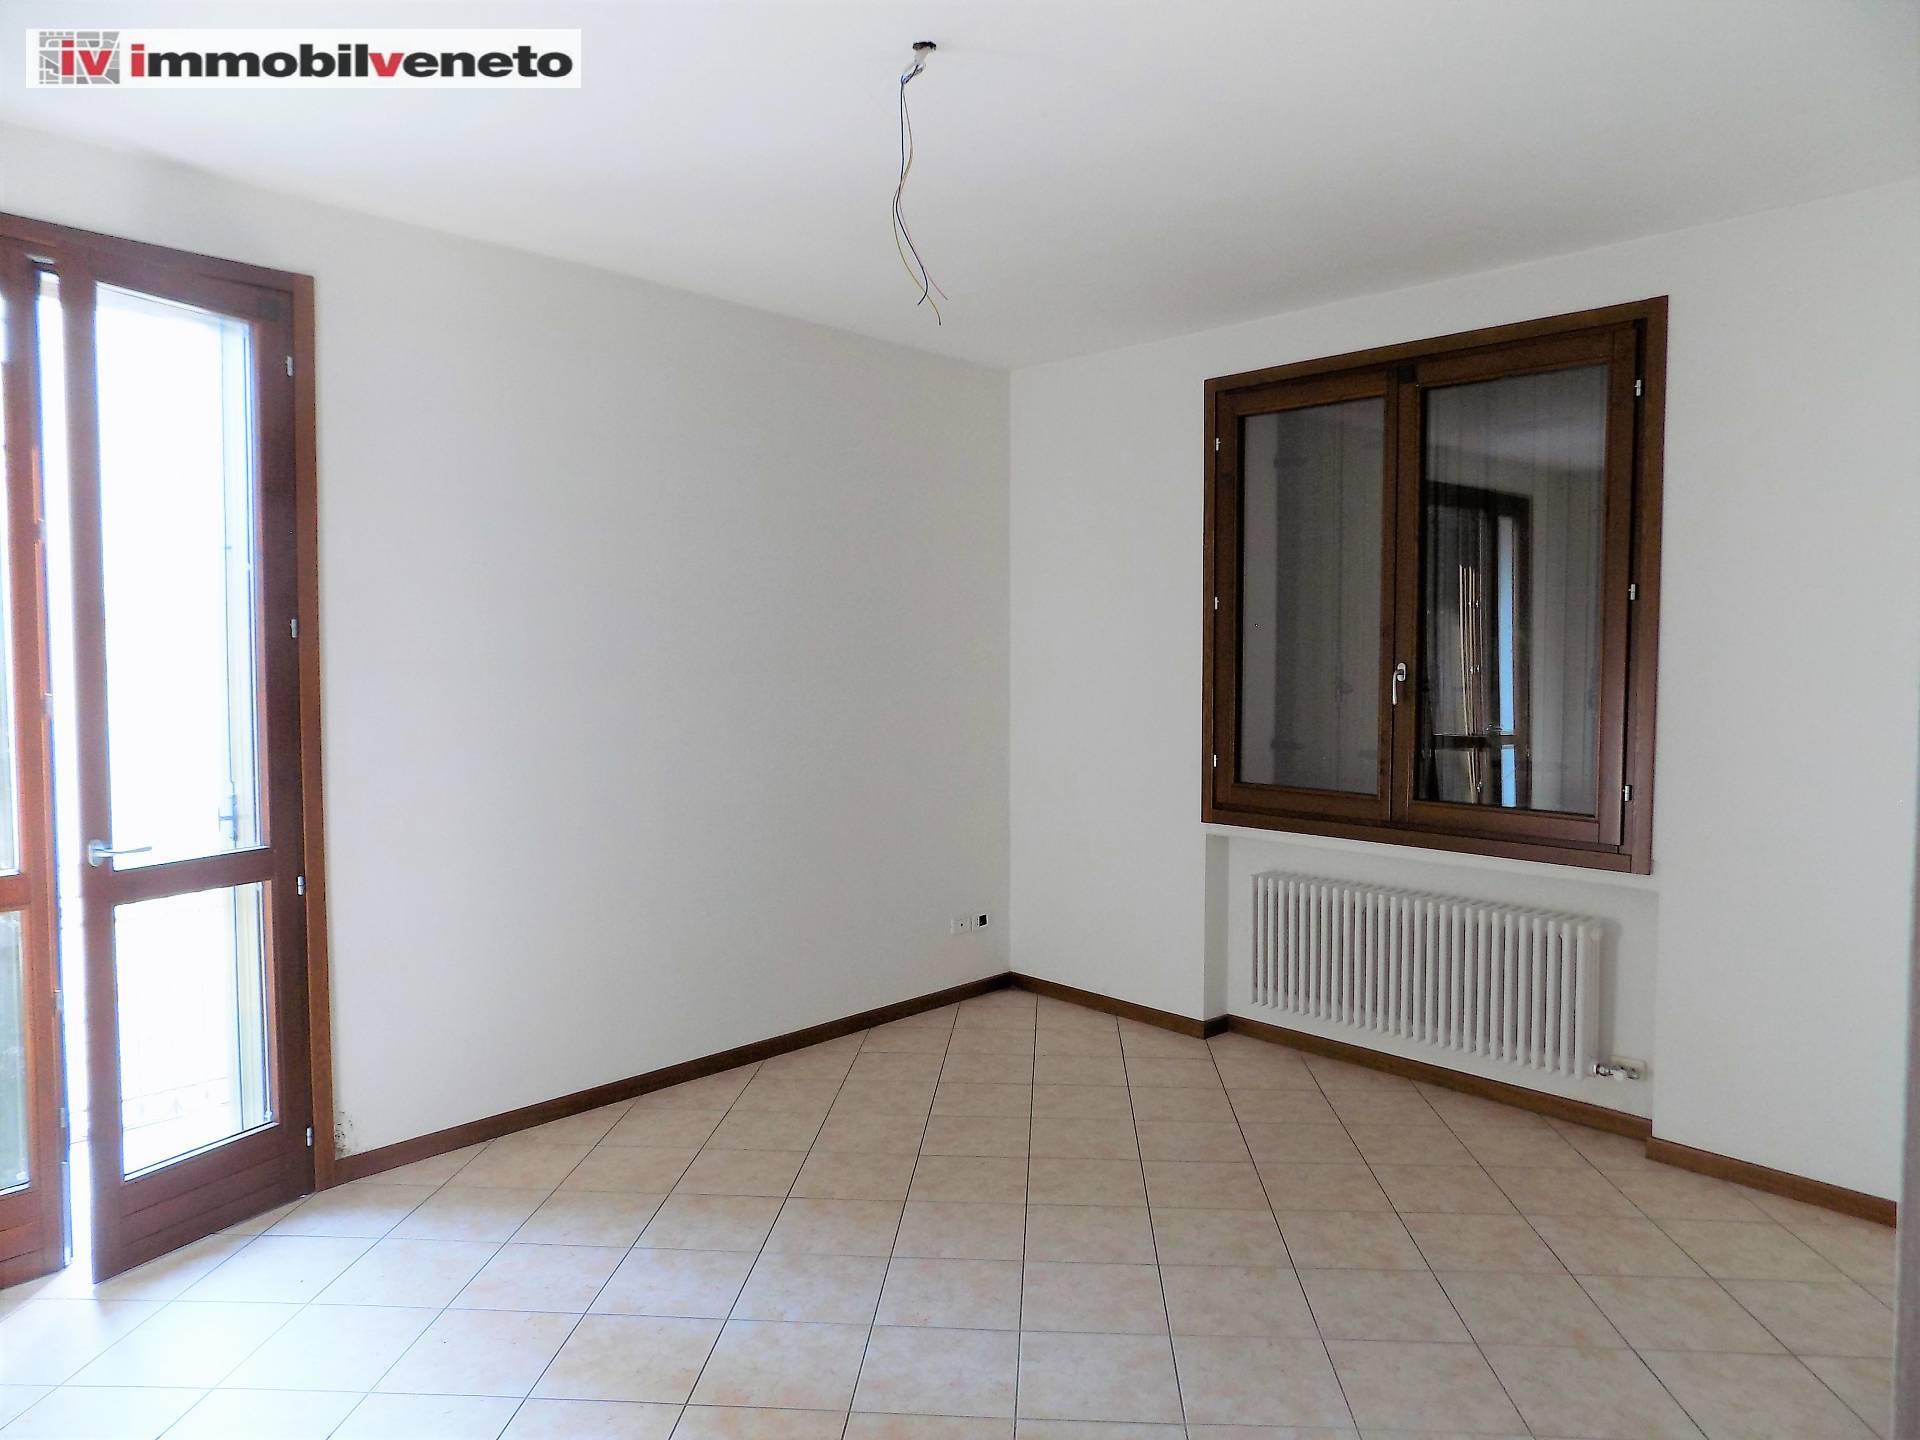 Appartamento in vendita a Orgiano, 4 locali, zona Zona: Spessa, prezzo € 83.000 | CambioCasa.it